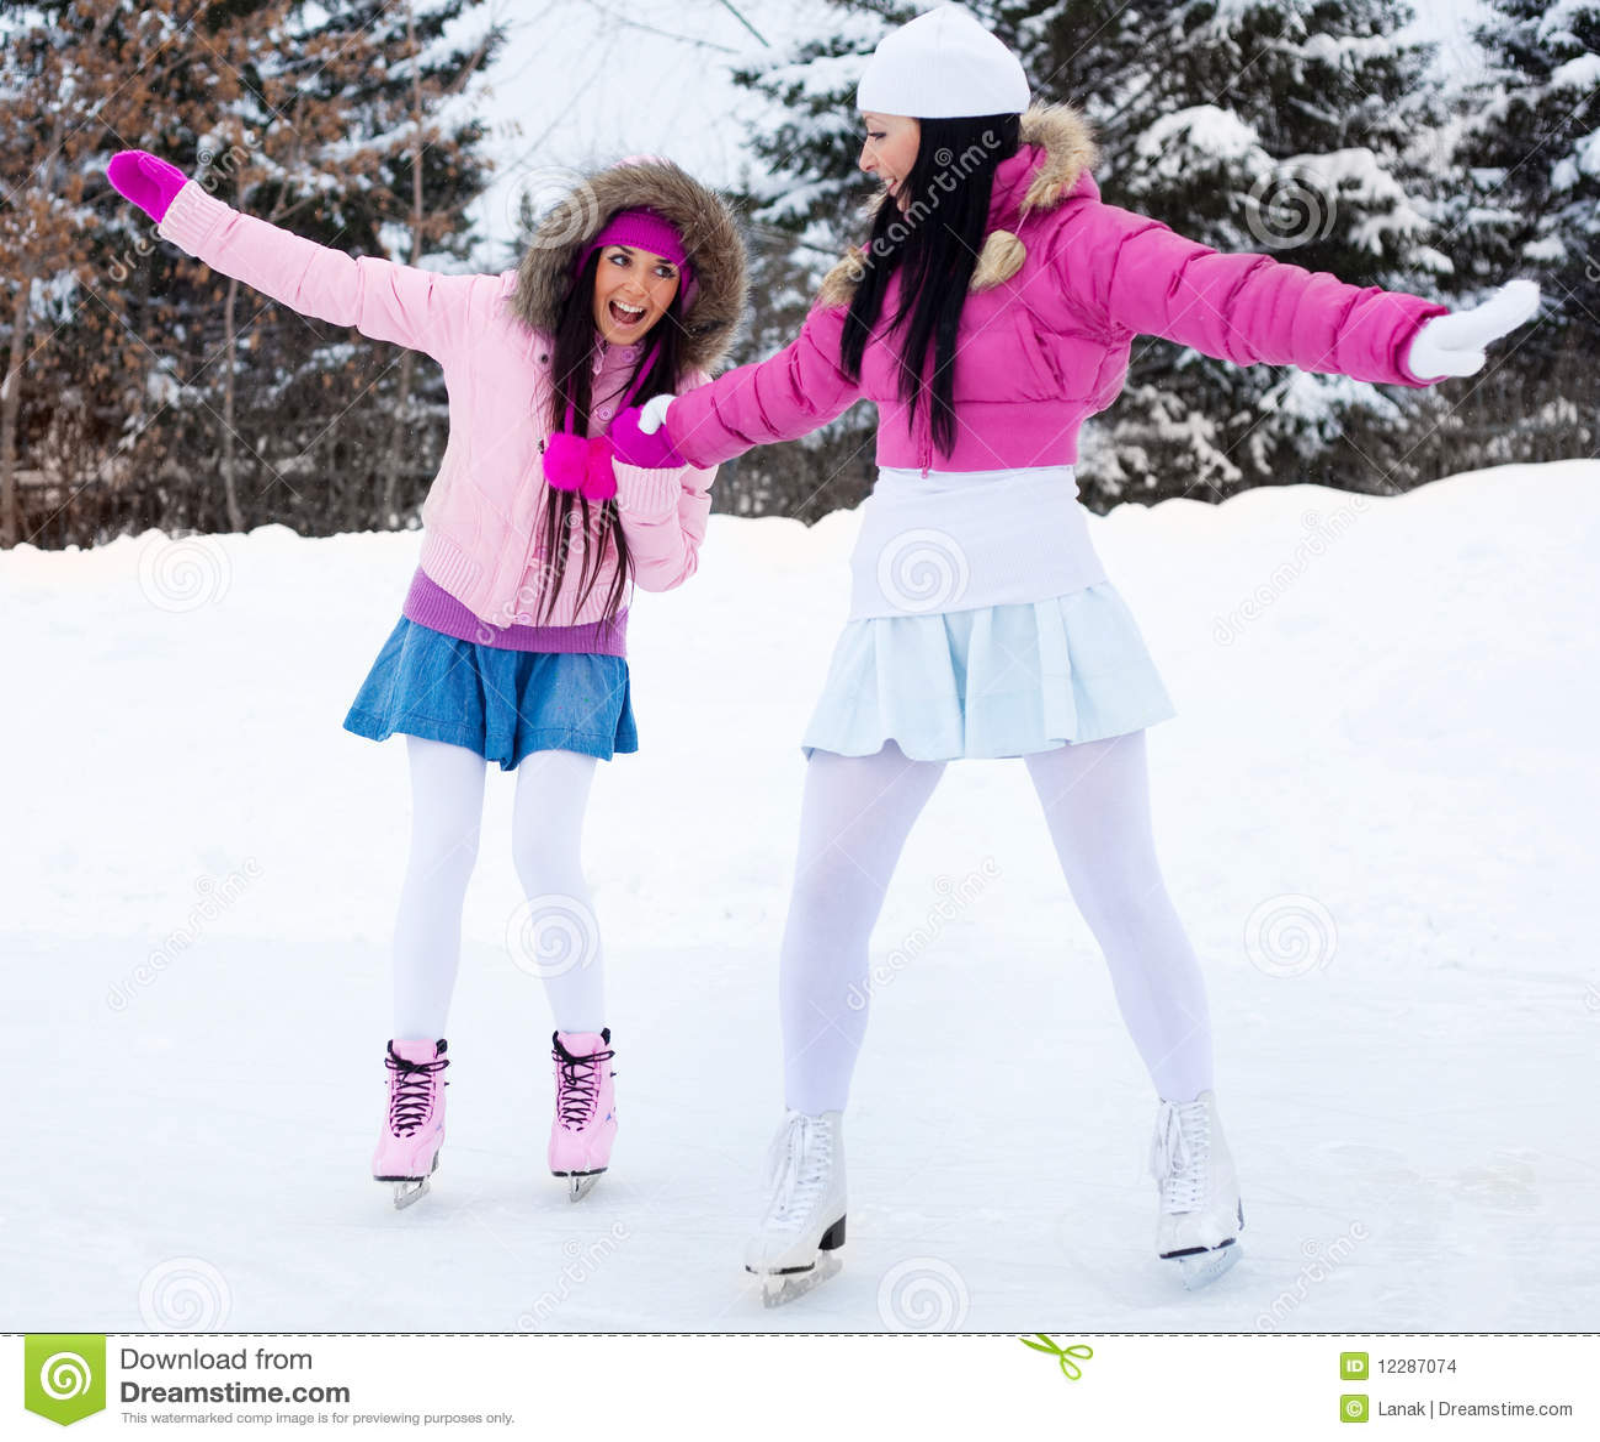 干了女儿和她的两个美丽女同学_美丽衣裳女孩滑冰二温暖的佩带的冬天.